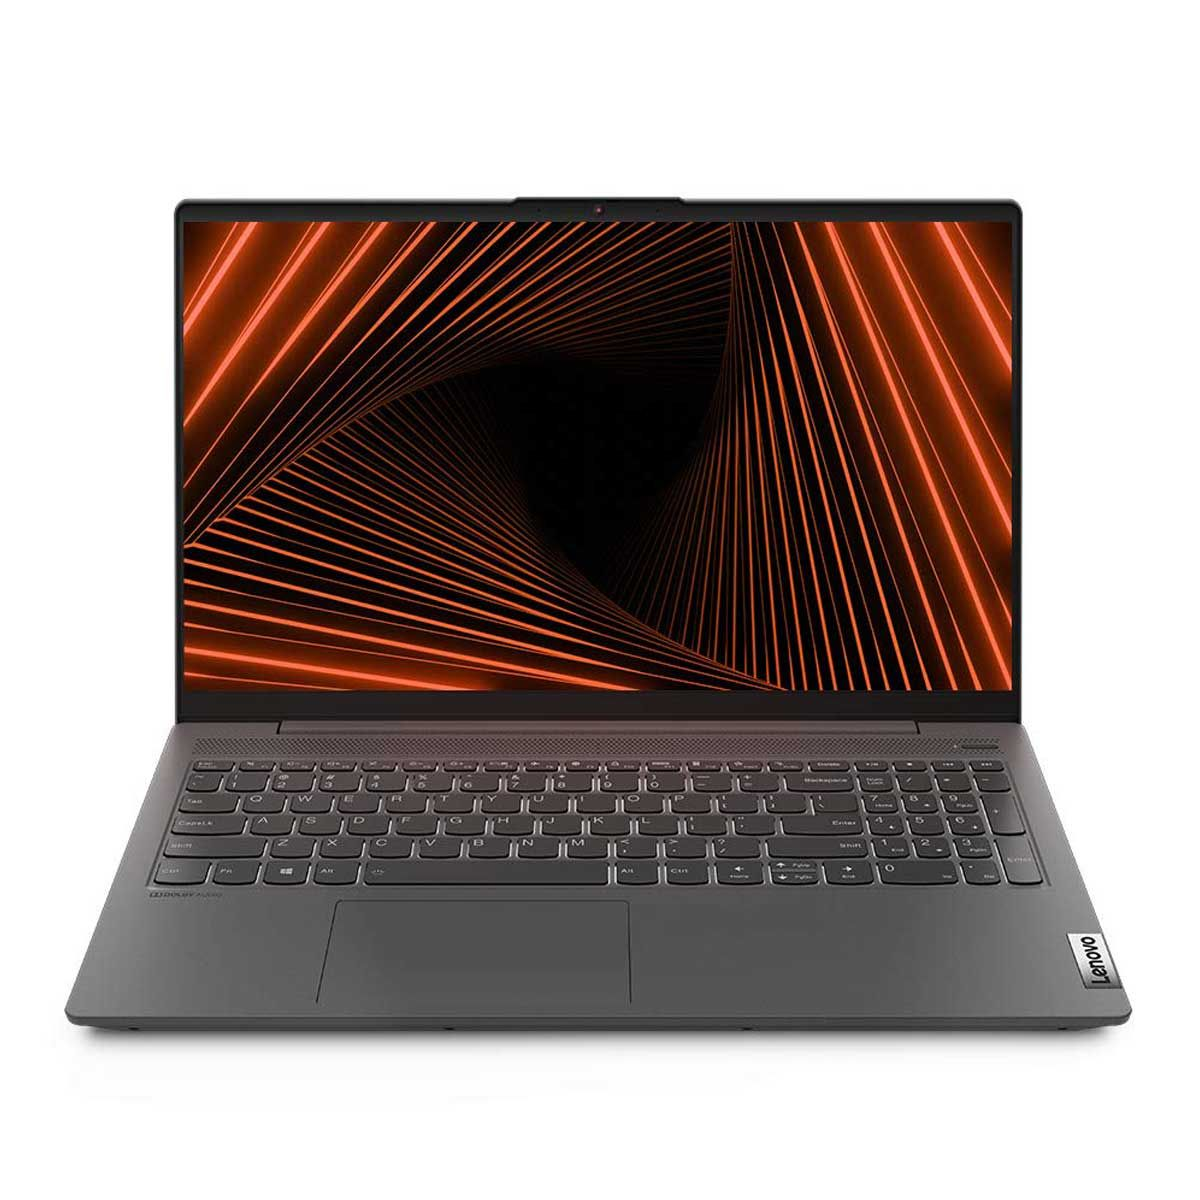 Lenovo IdeaPad Slim 5 11th Gen Core i5-1135G7 (2021)